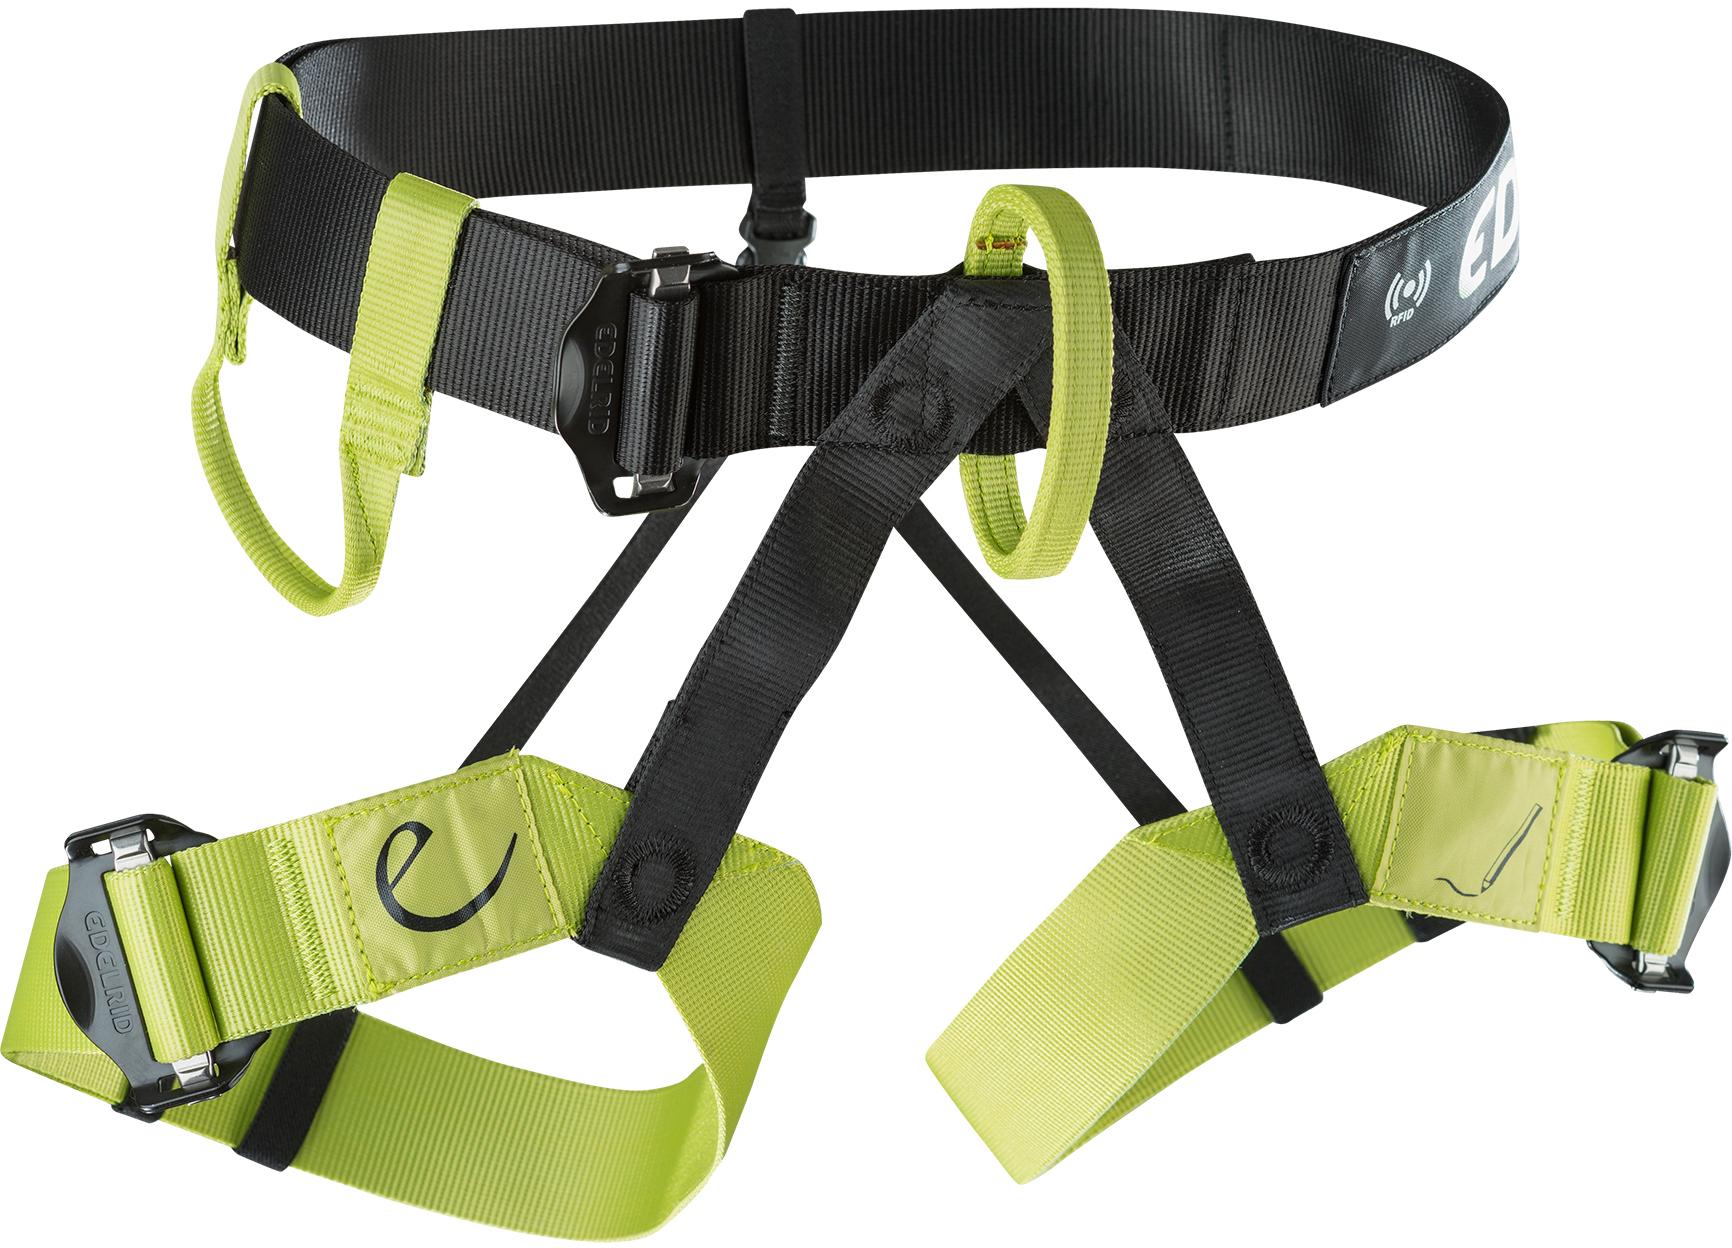 Klettergurt Edelrid Jay : Wild country blaze klettergurte ausrüstung kletterschuhe